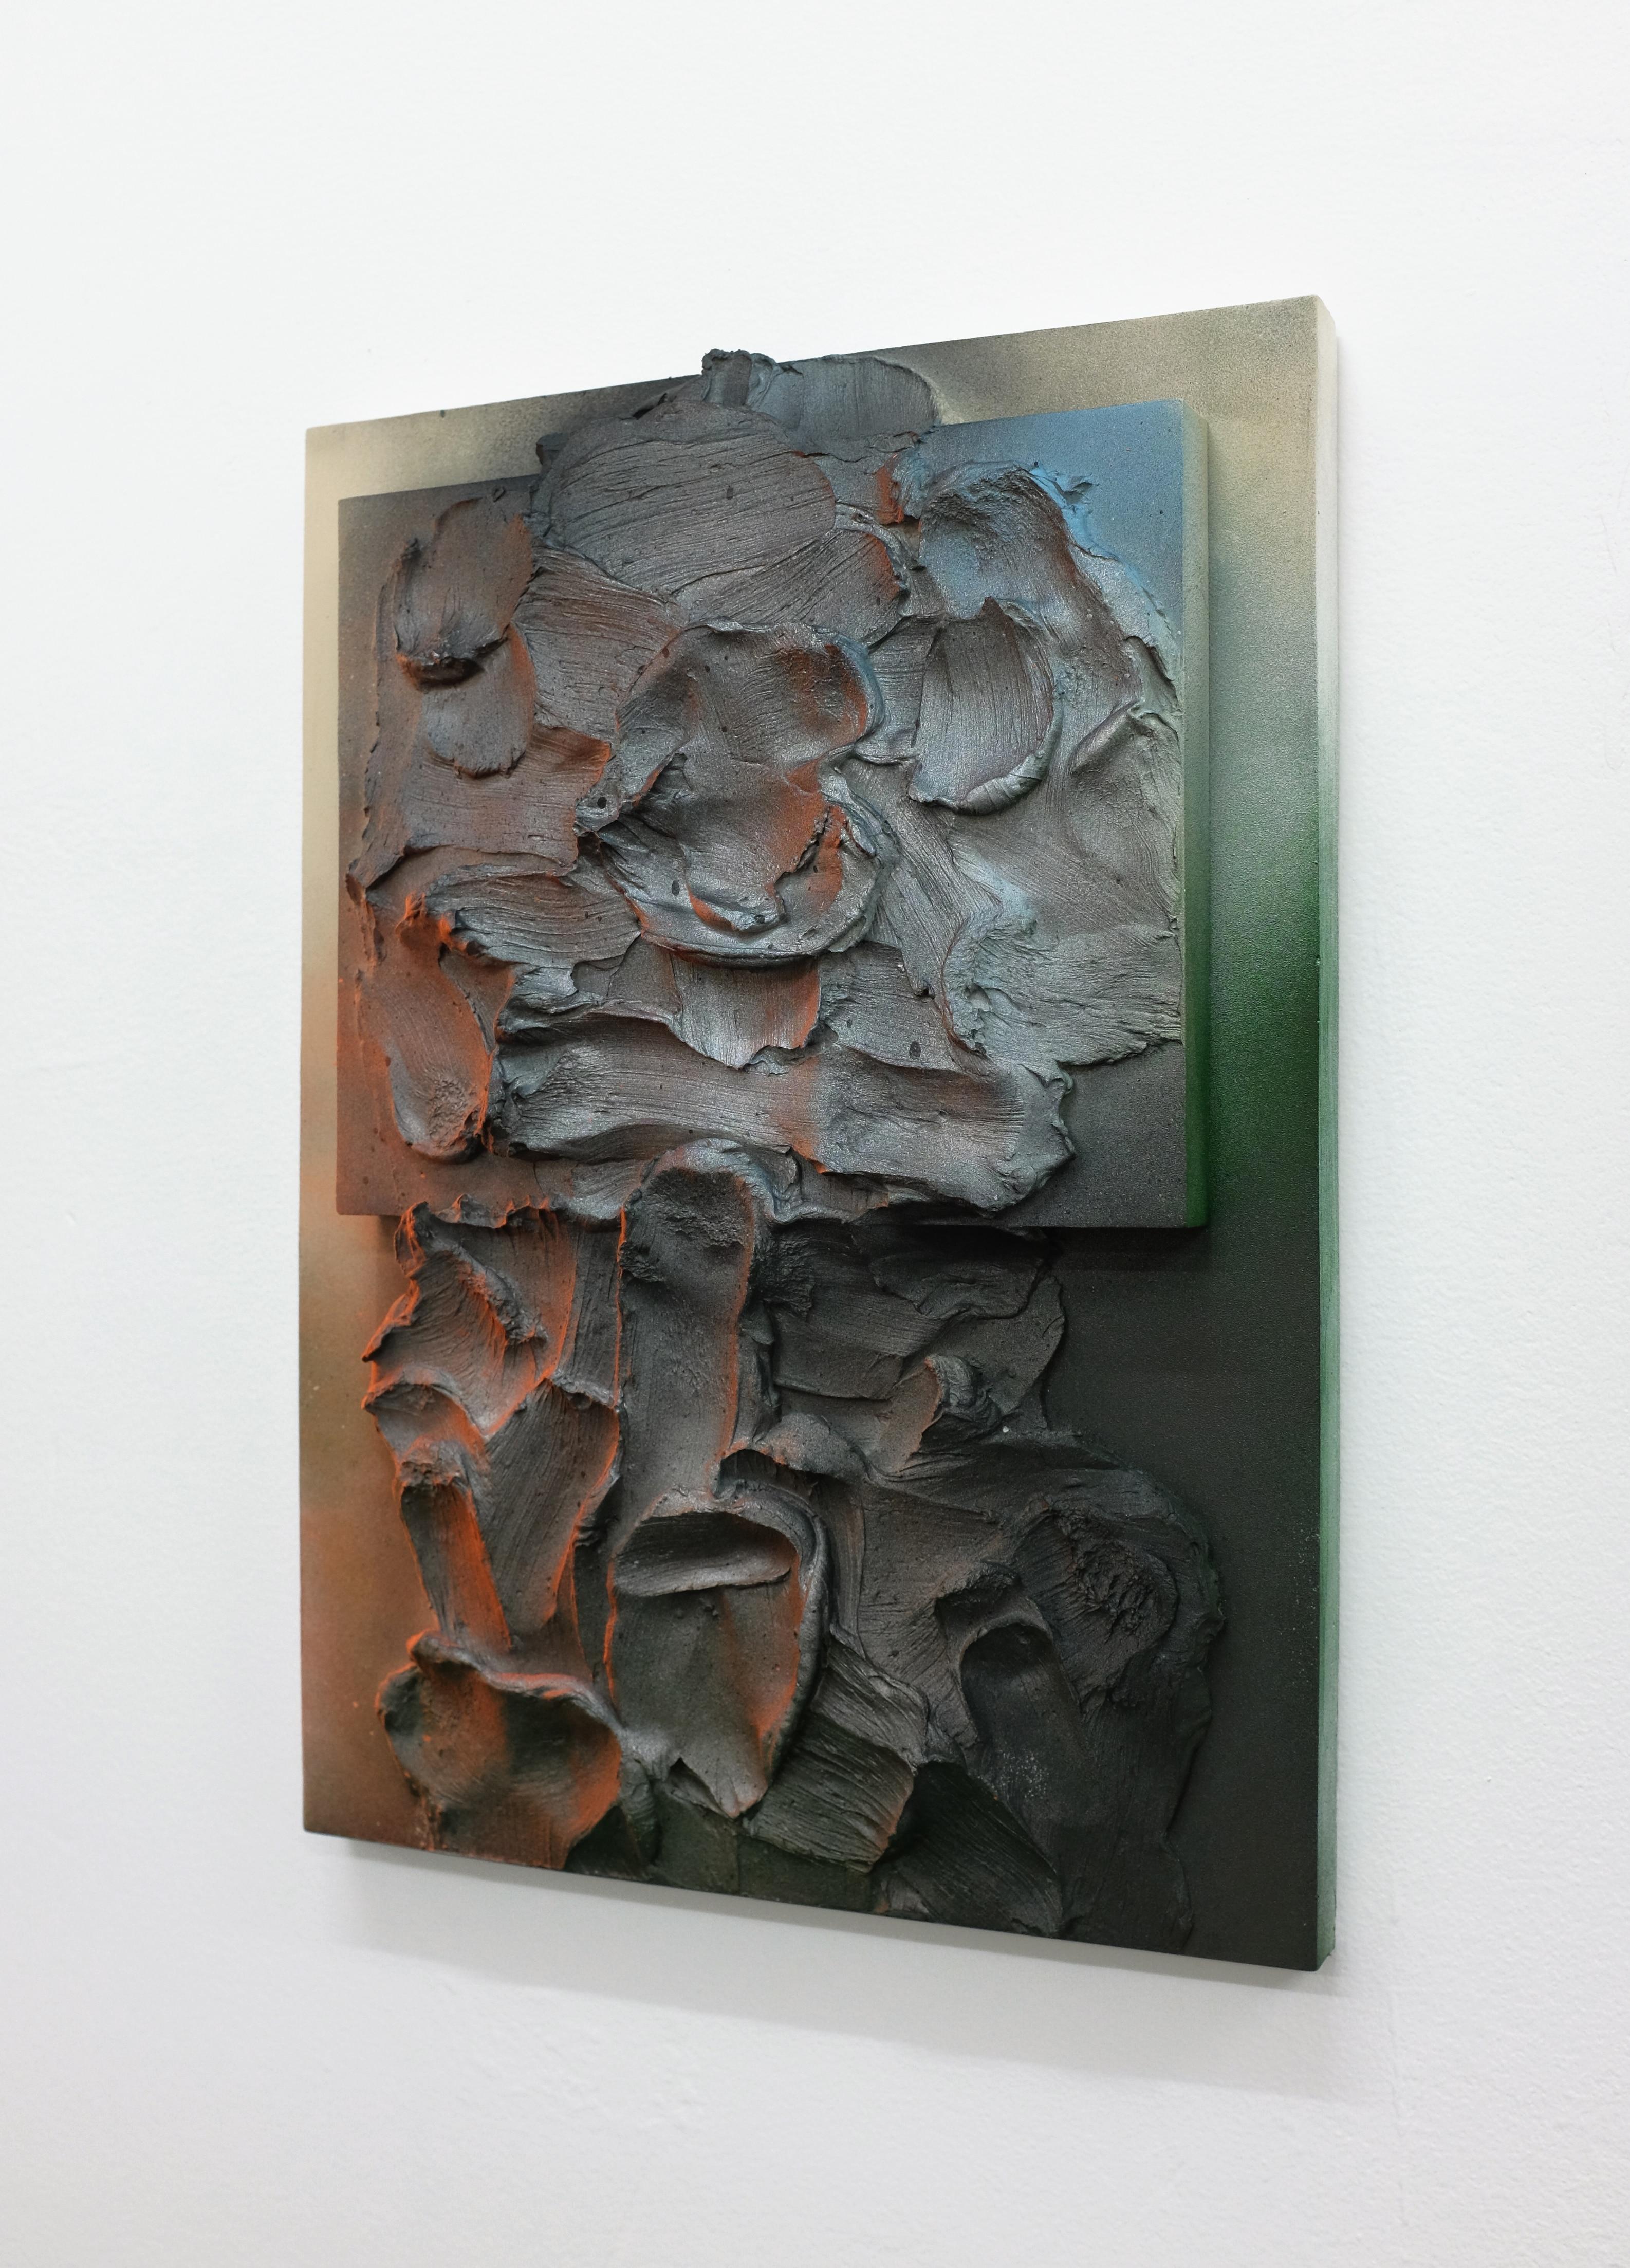 Daniel Firman, Modelé avec la langue peint (bas relief) #3 (detail), 2018